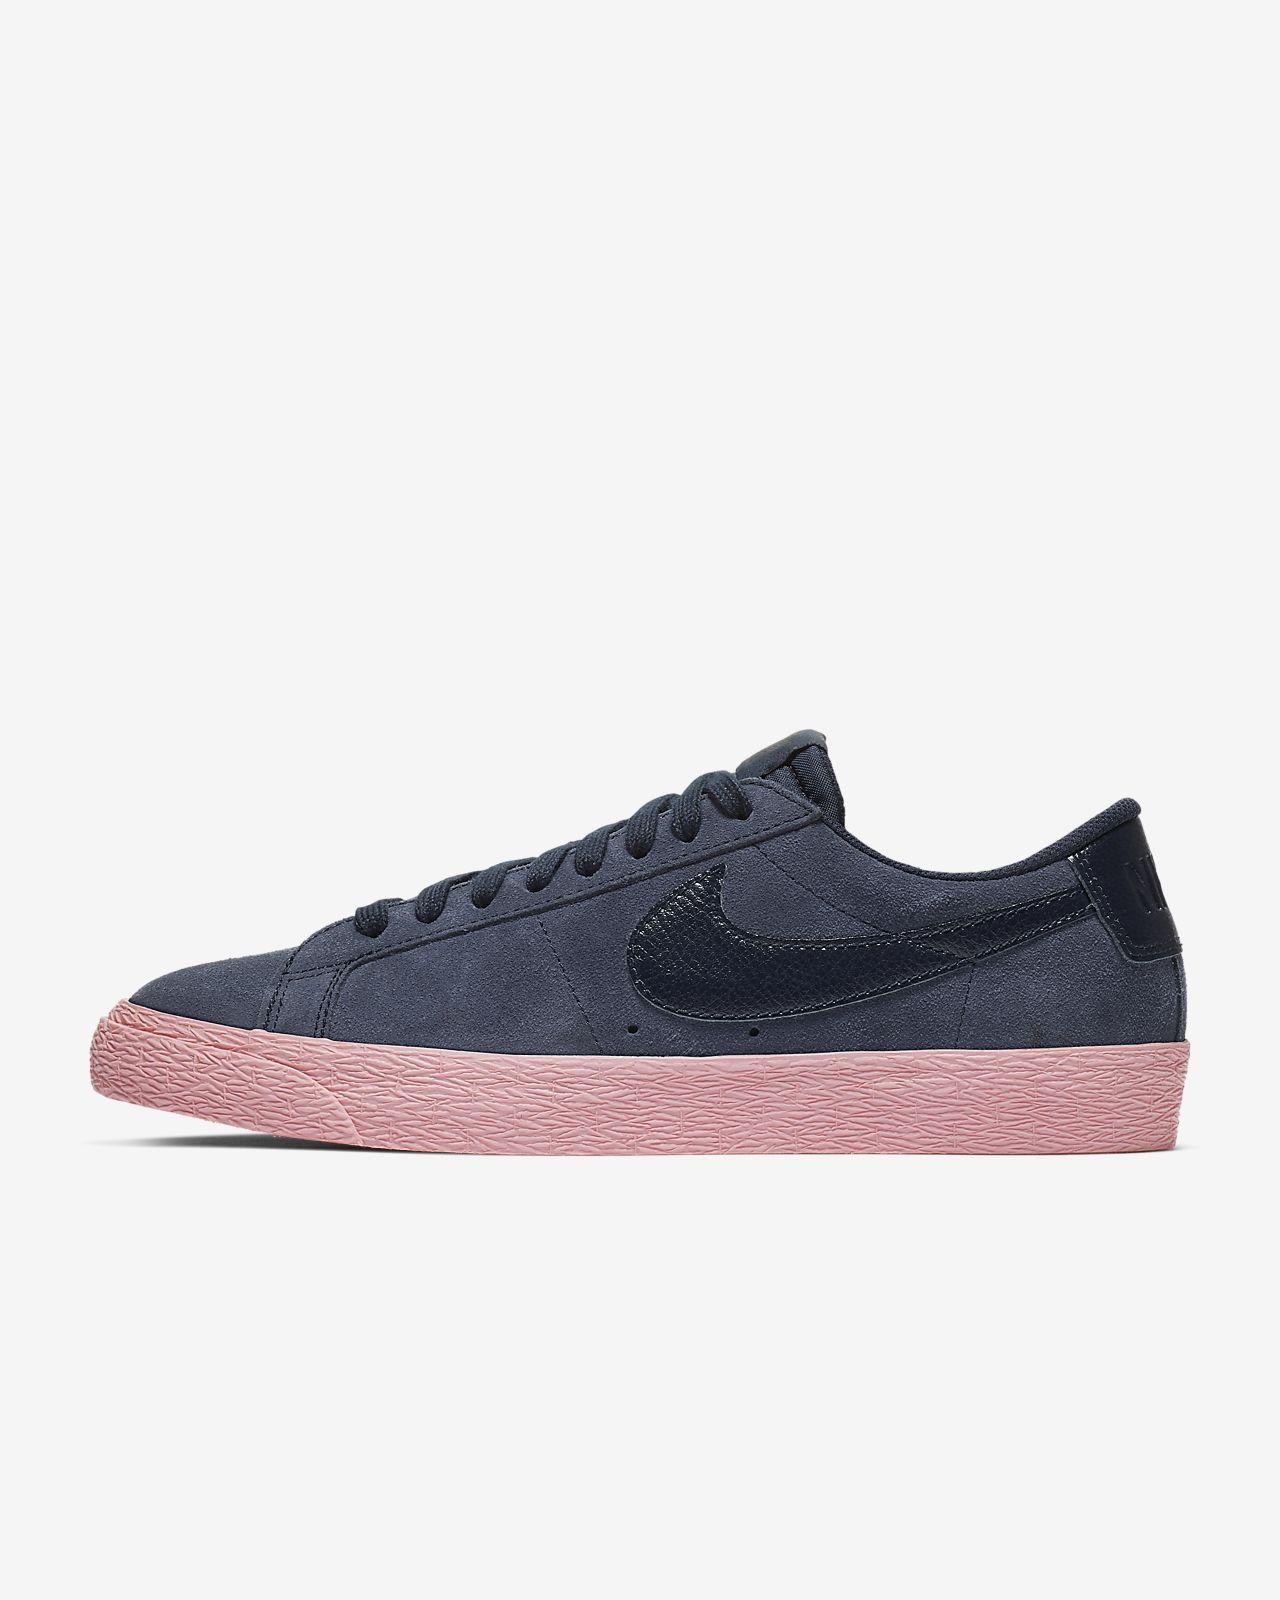 Calzado de skateboarding para hombre Nike SB Blazer Zoom Low